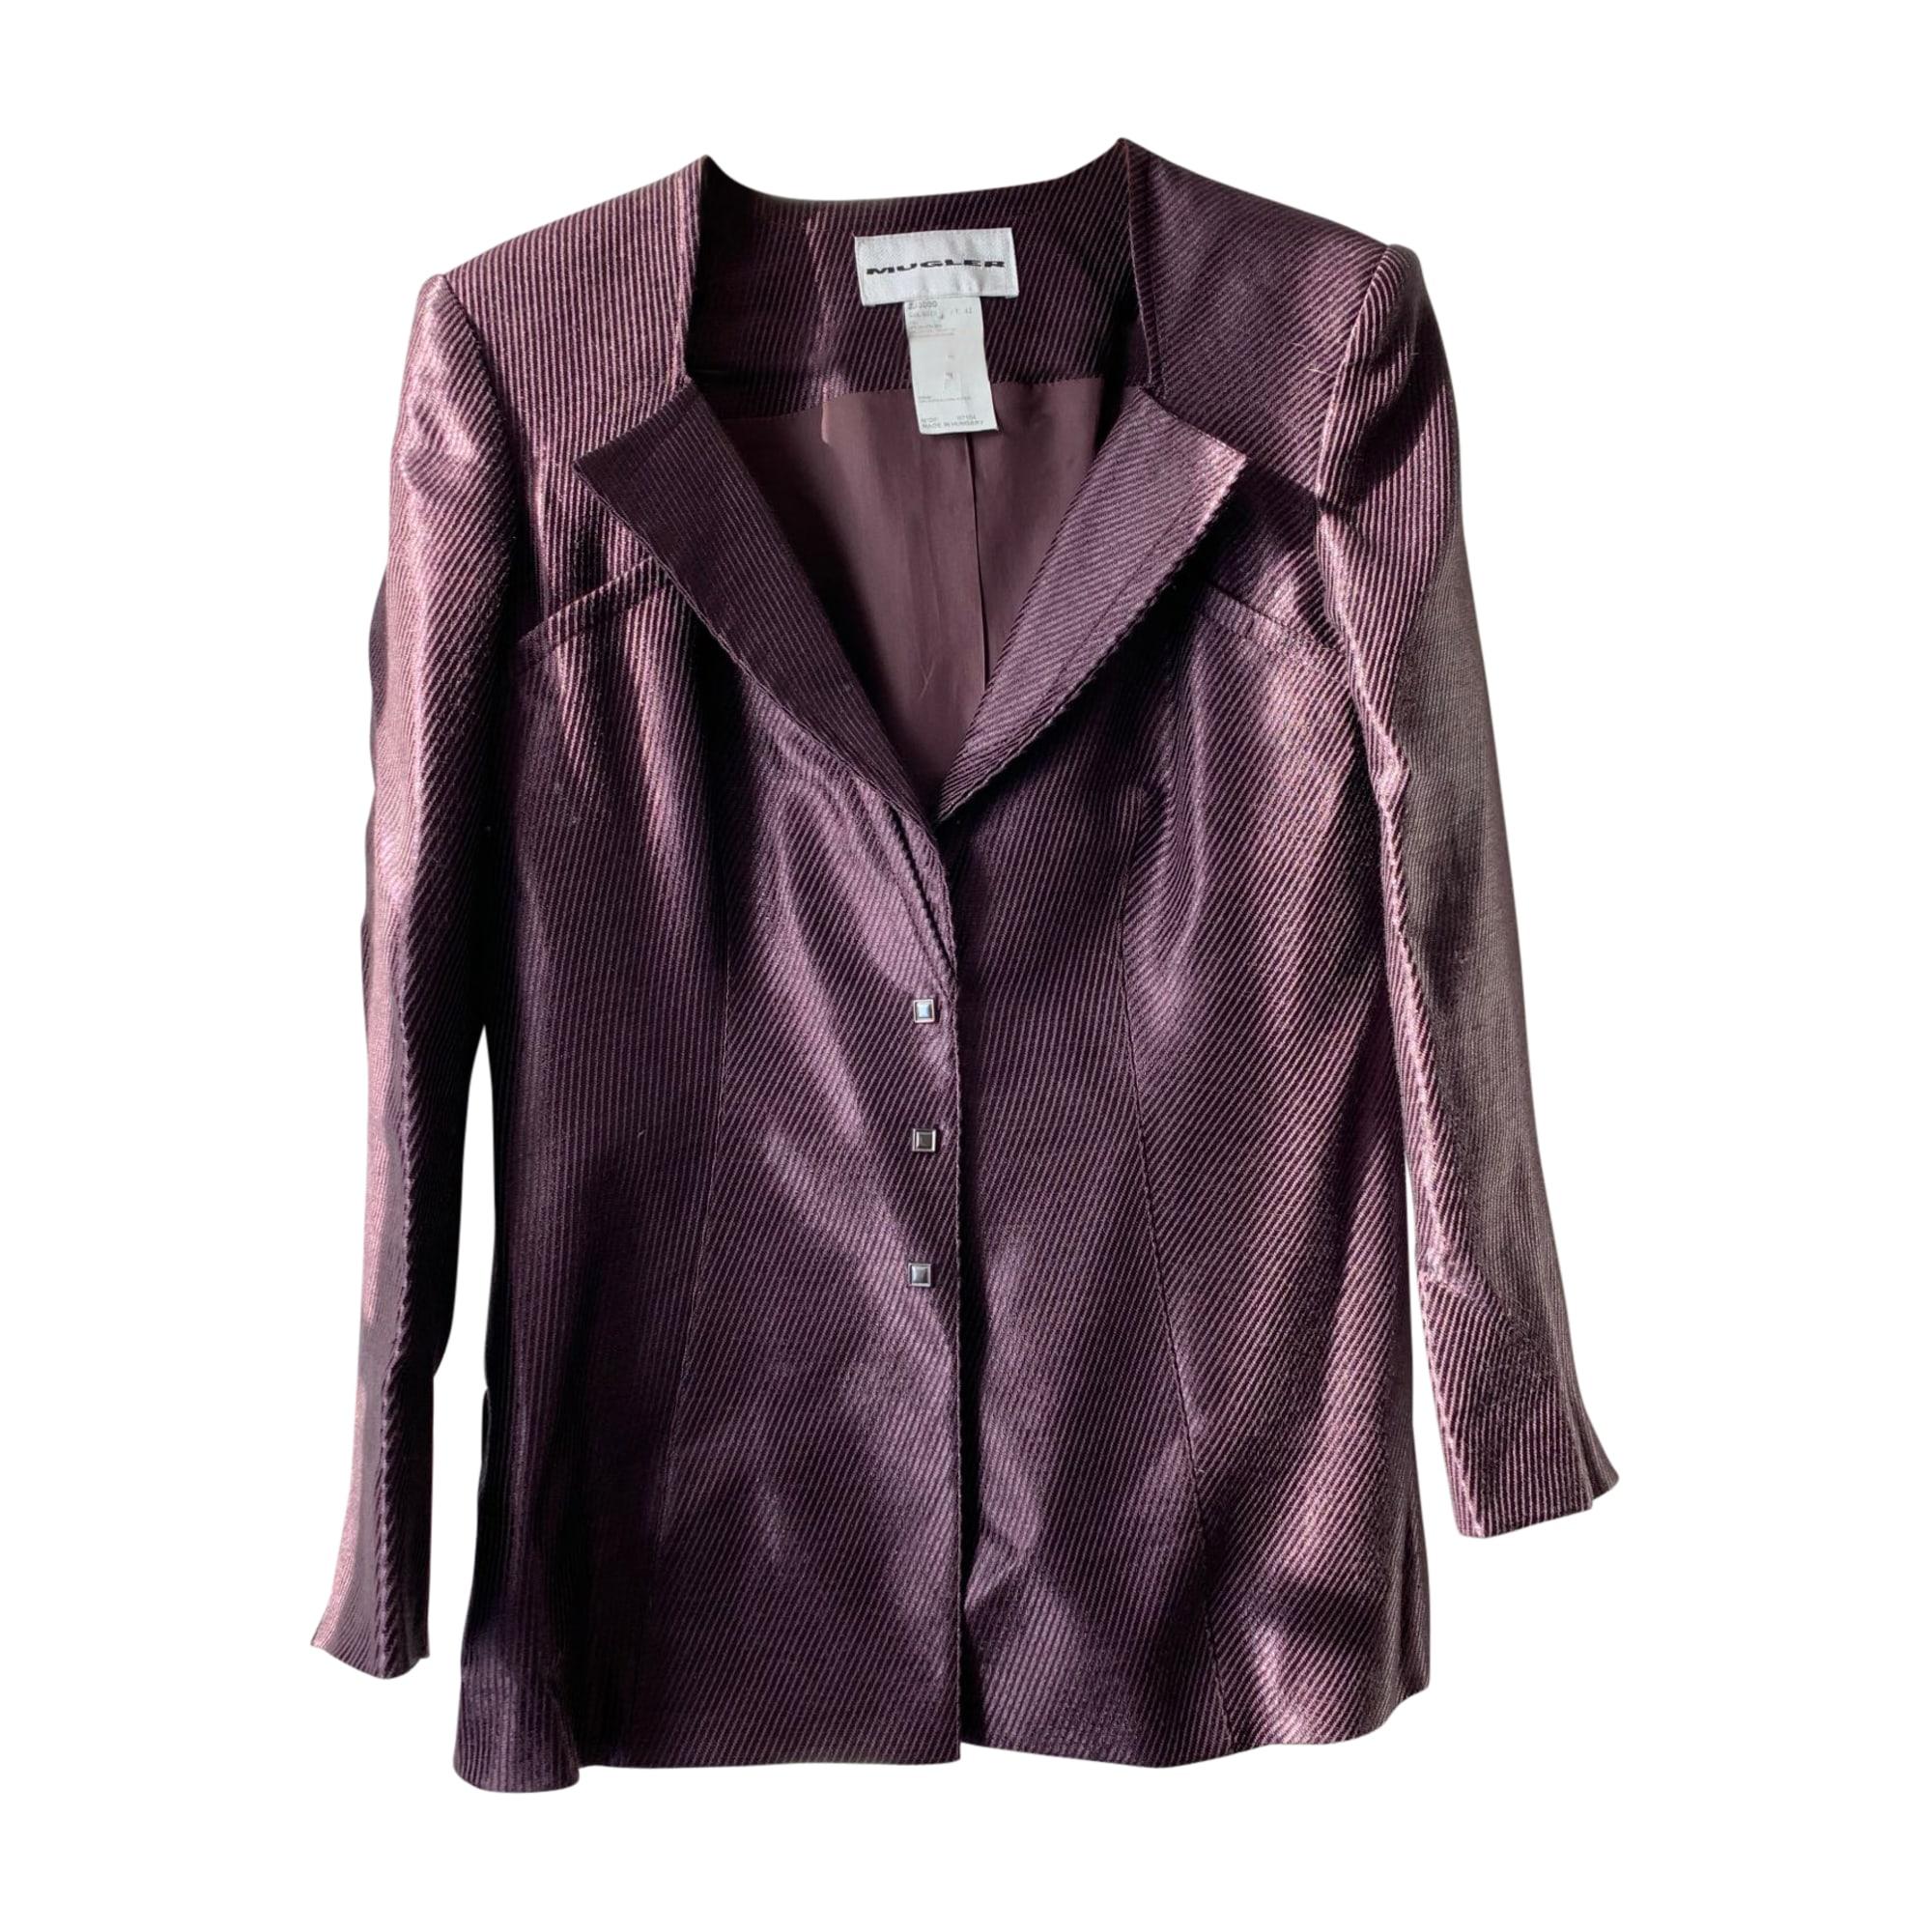 Blazer, veste tailleur THIERRY MUGLER Violet, mauve, lavande